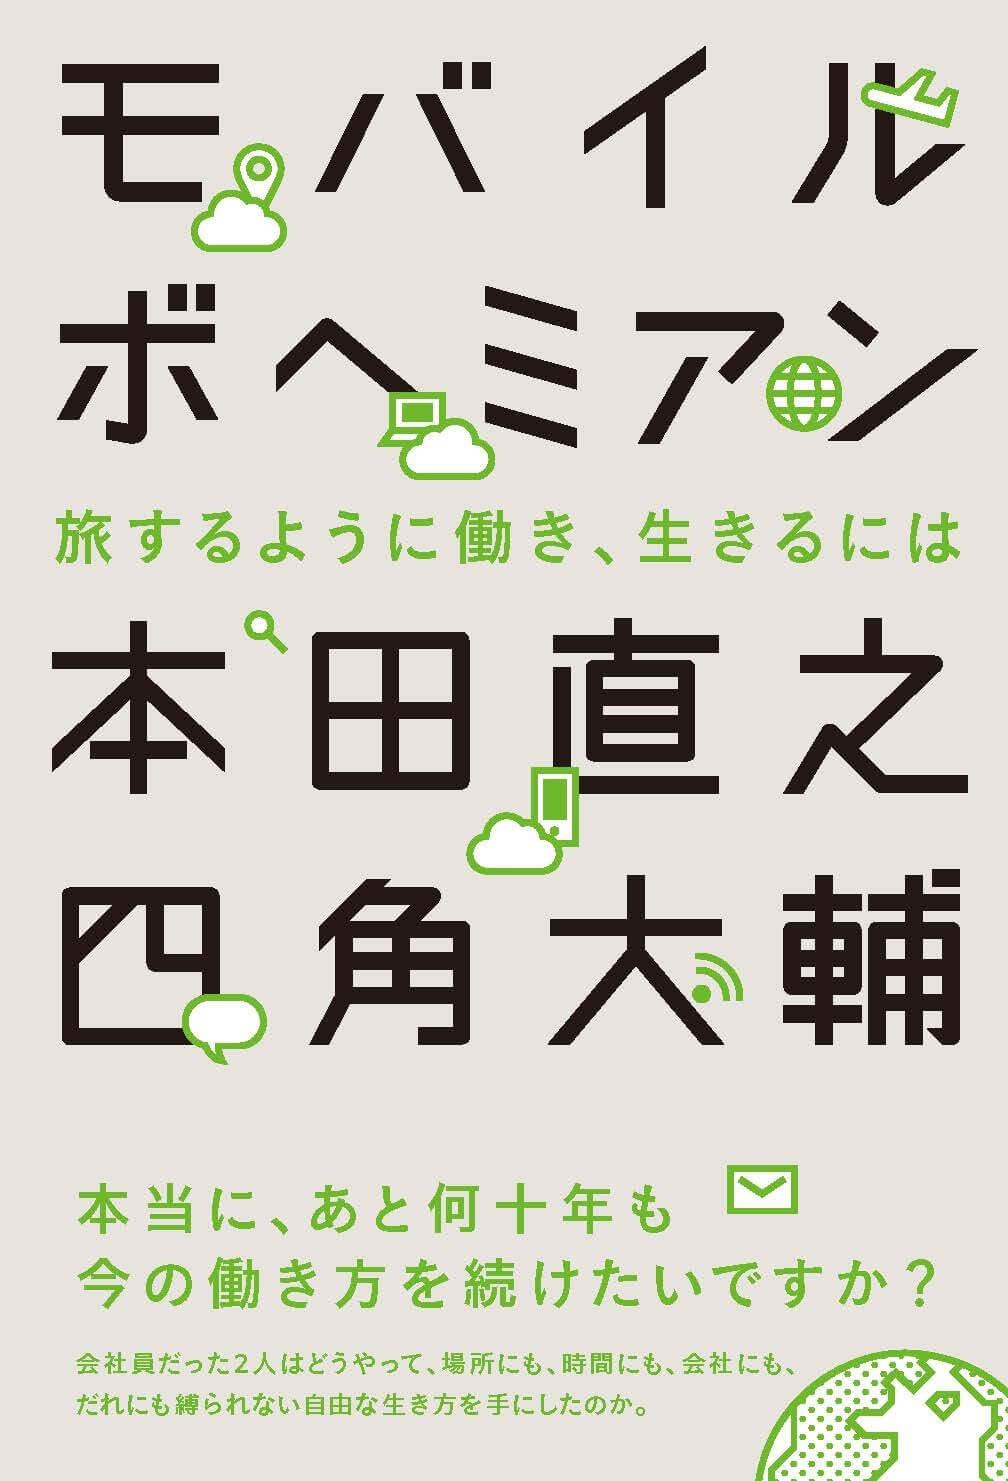 【終了】2017年5月『モバイルボヘミアン ー 旅するように働き、生きるには』本田直之、四角大輔